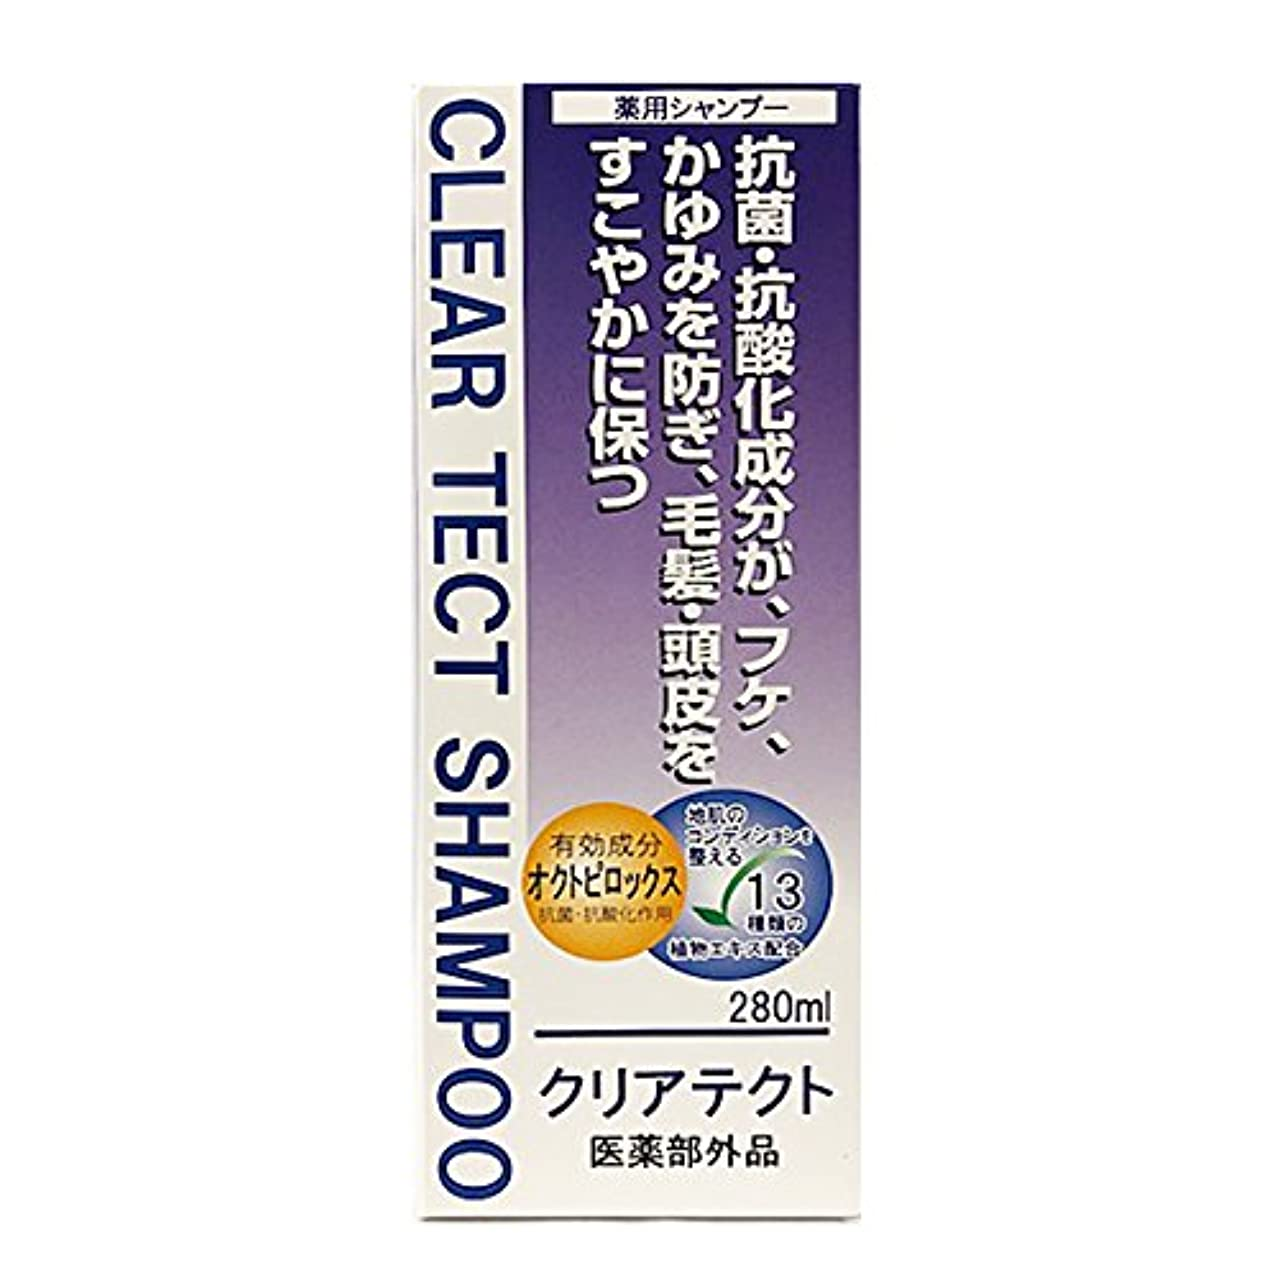 細断ビリー蒸発【医薬部外品】クリアテクト薬用シャンプーa 280ml